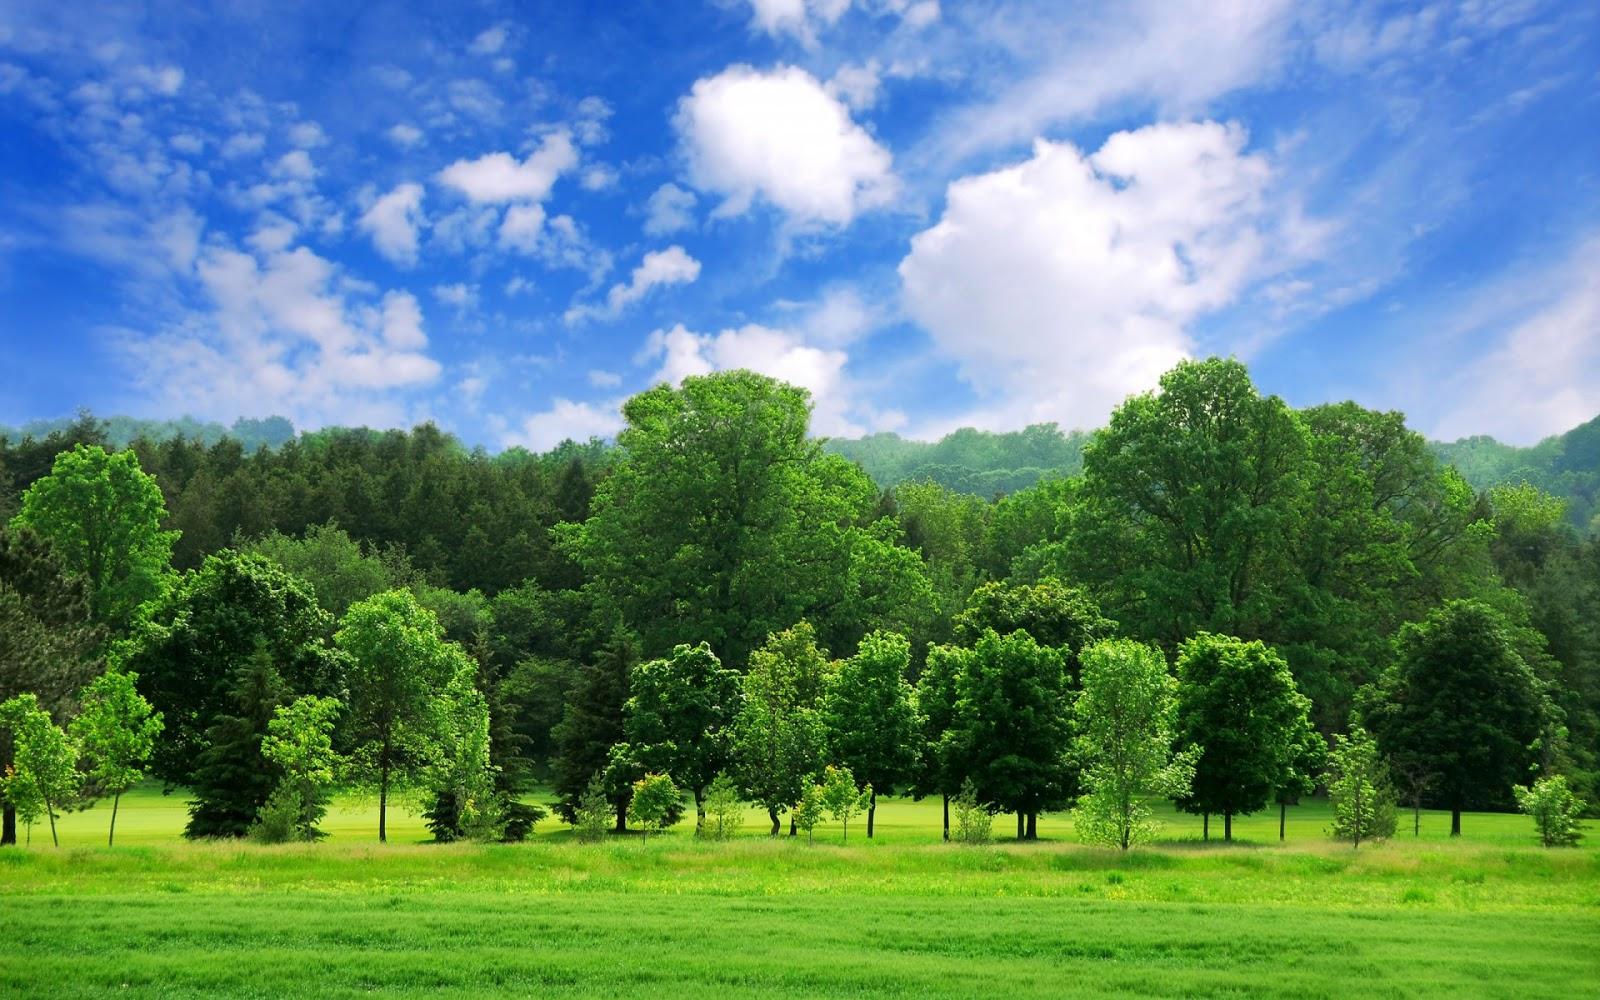 http://2.bp.blogspot.com/-pz4LMJcfU90/UIBipvmTEuI/AAAAAAAAI78/UNqumZyl0vE/s1600/beautiful_green_summer_landscape-1920x1200.jpg